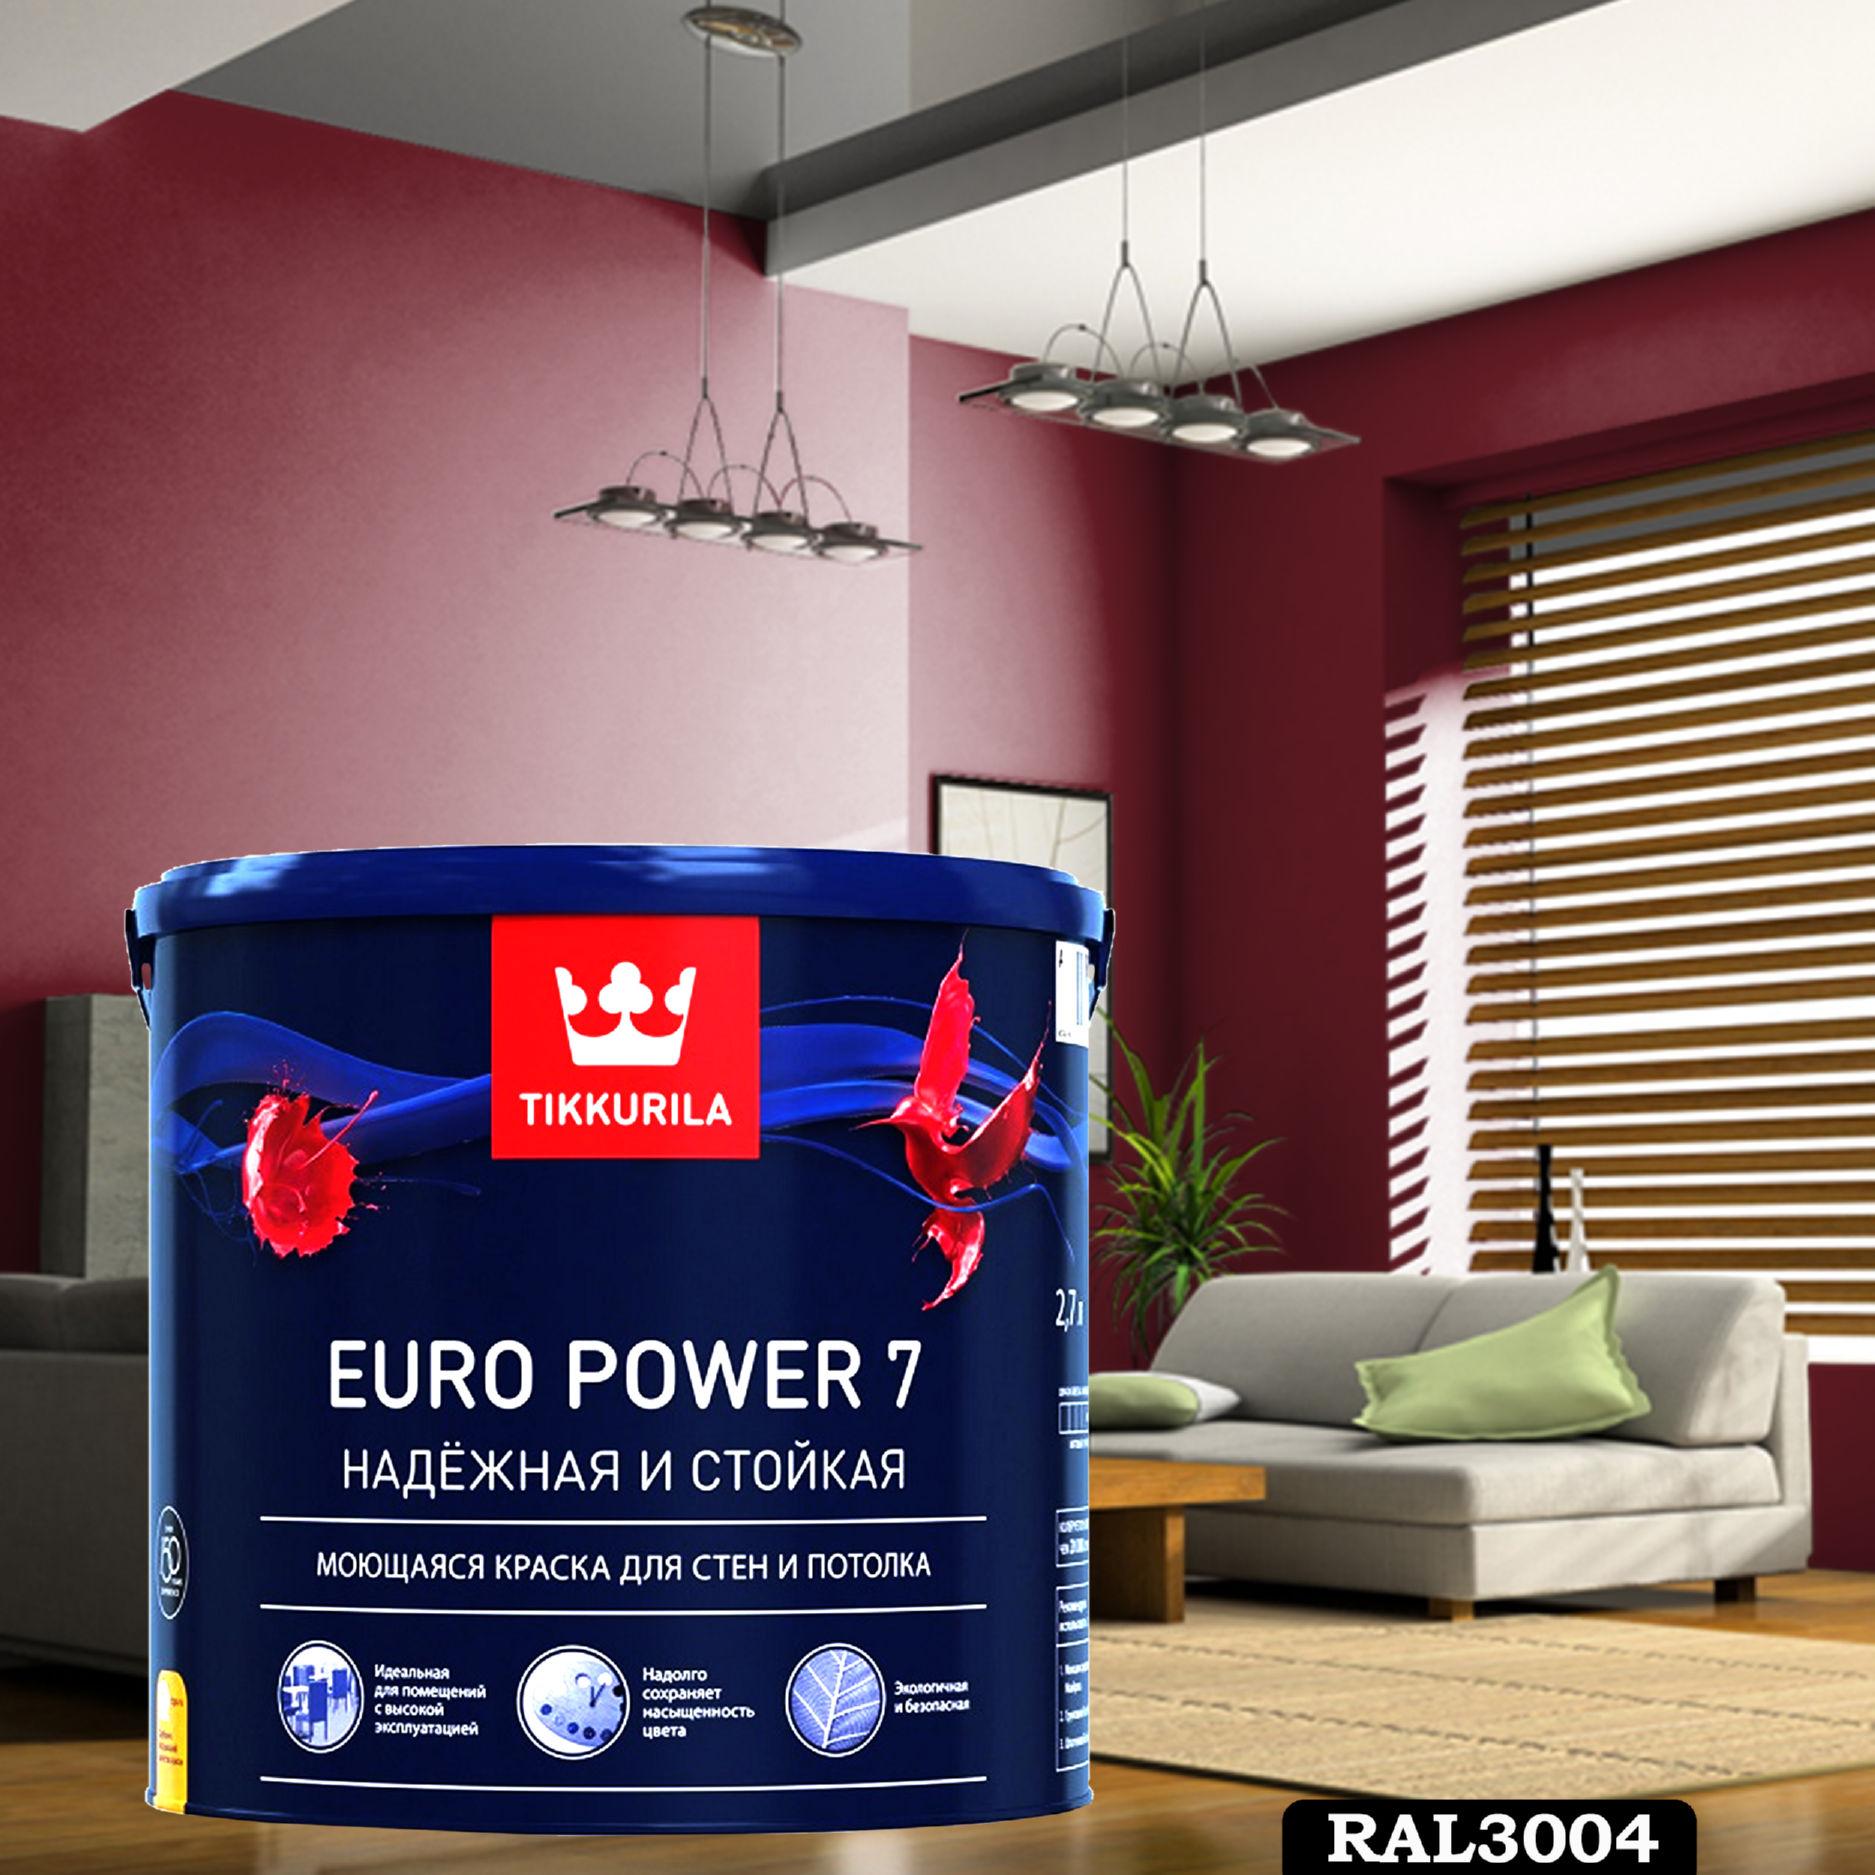 Фото 5 - Краска TIKKURILA Euro Power 7,  RAL 3004 Пурпурно-красный, латексная моющаяся матовая интерьерная, 9 л.